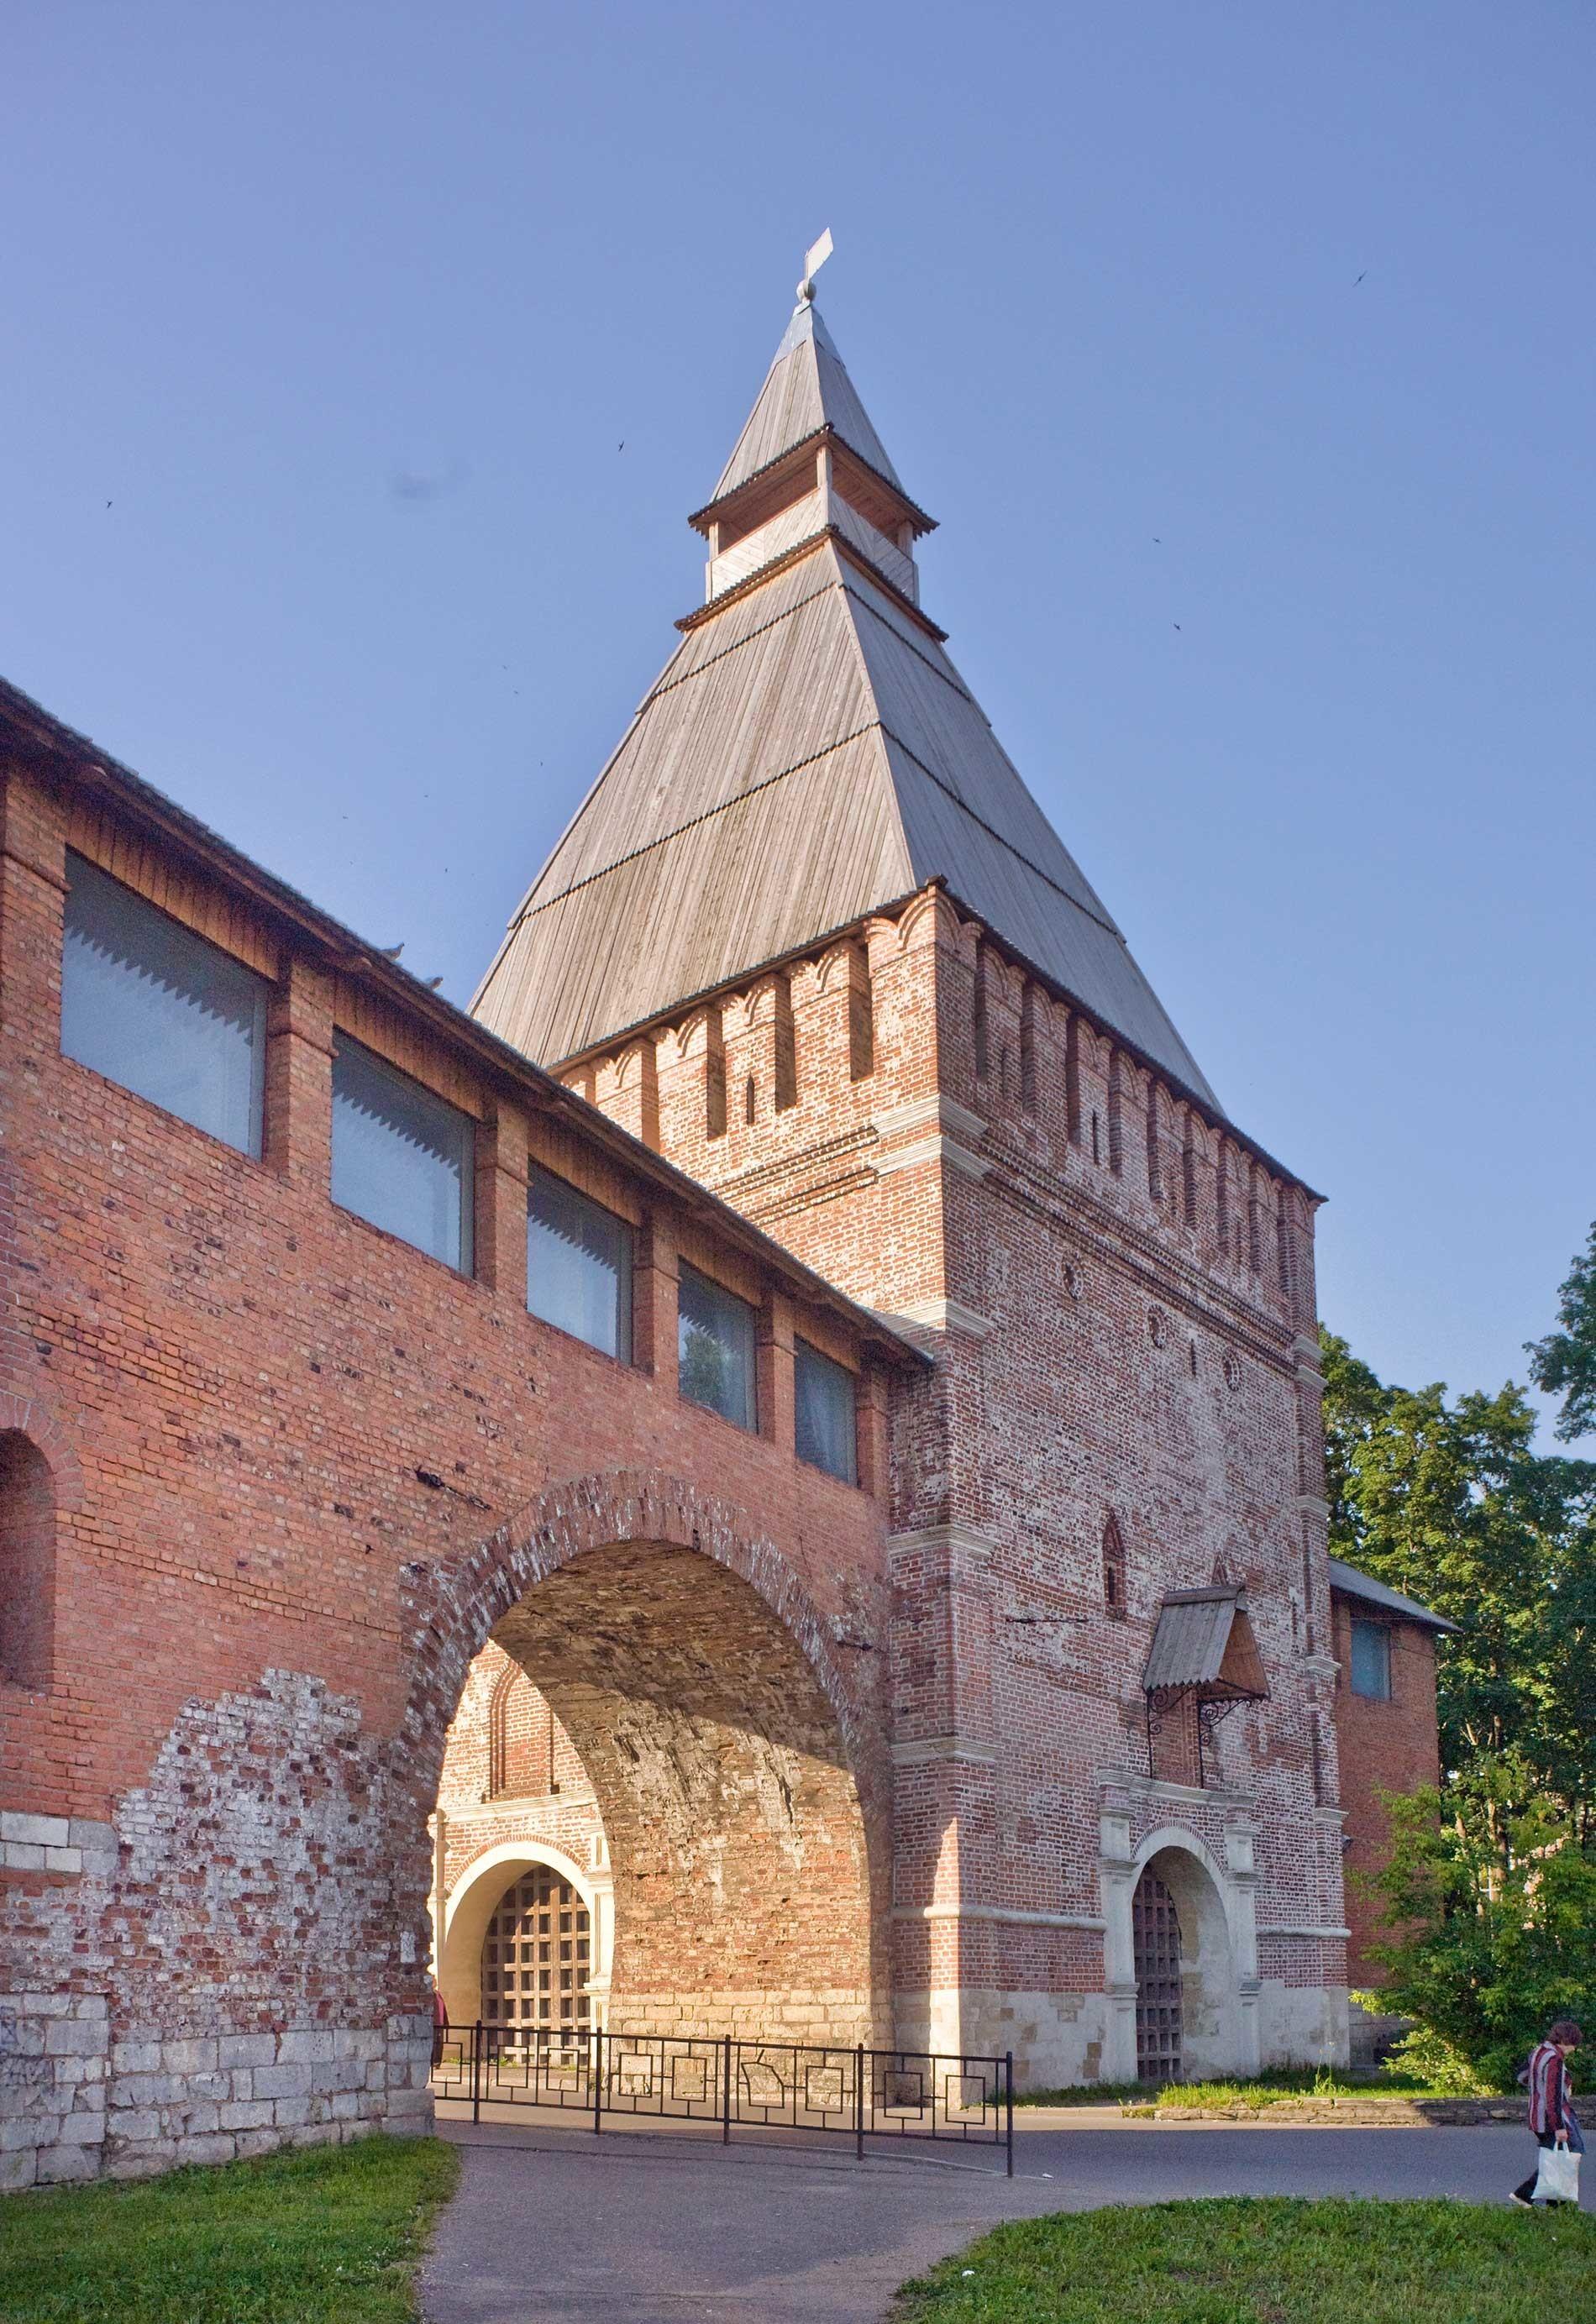 Ciudadela de Smolensk. Puerta y Torre de San Nicolás. 1 de julio de 2014.